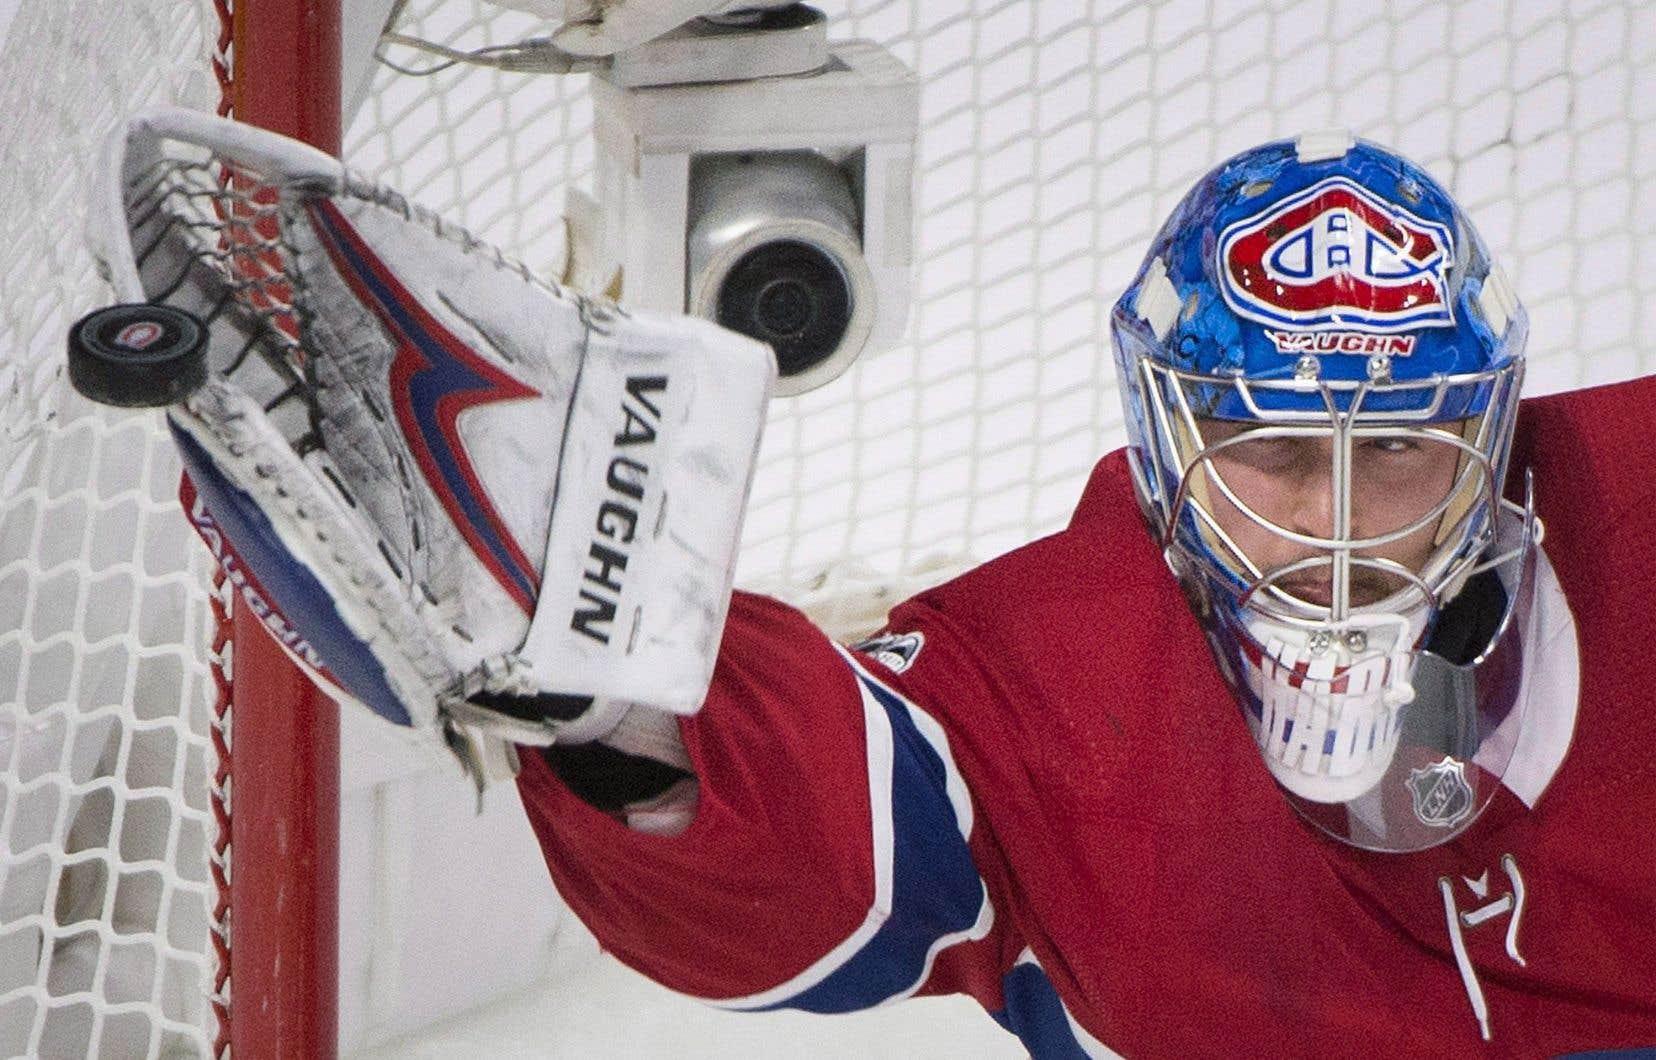 La gardien du Canadien, Charlie Lindgren, réalise un arrêt contre les Sabres de Buffalo lors du match de samedi.